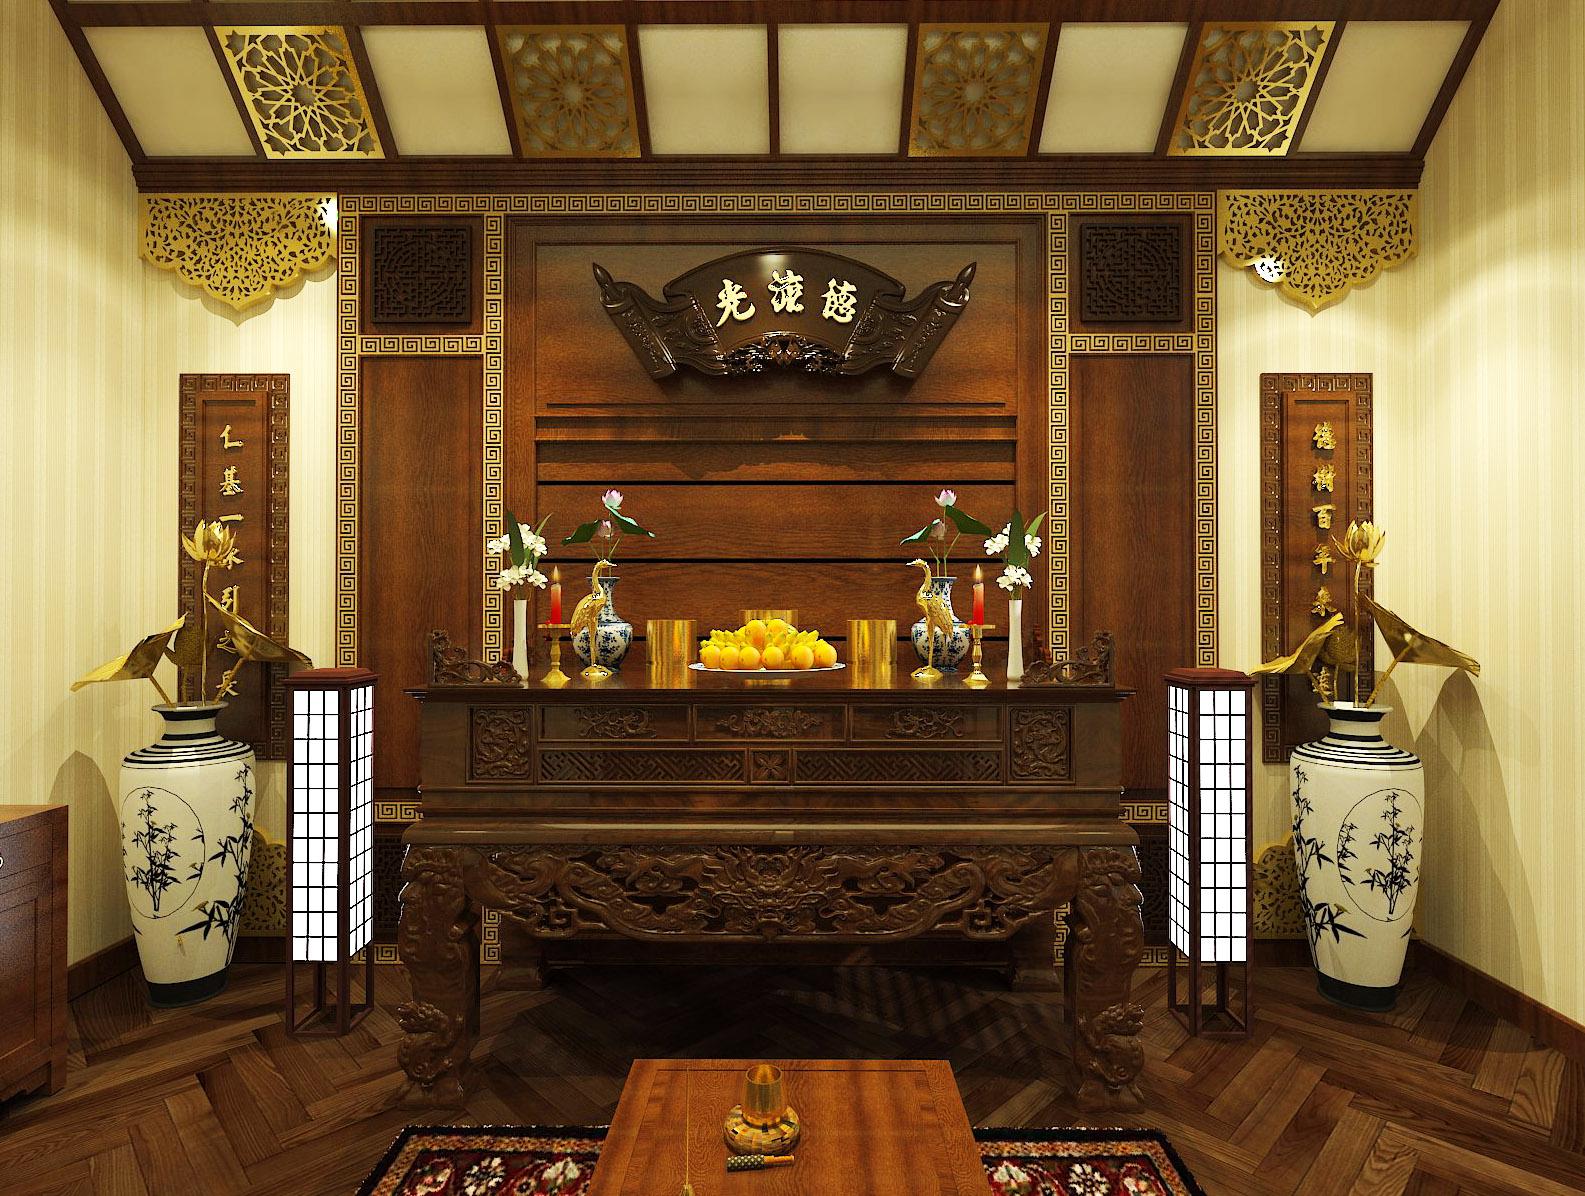 Phòng thờ trang nghiêm, sử dụng nội thất gỗ tự nhiên chủ đạo với hoa văn họa tiết được chạm khắc tinh xảo.